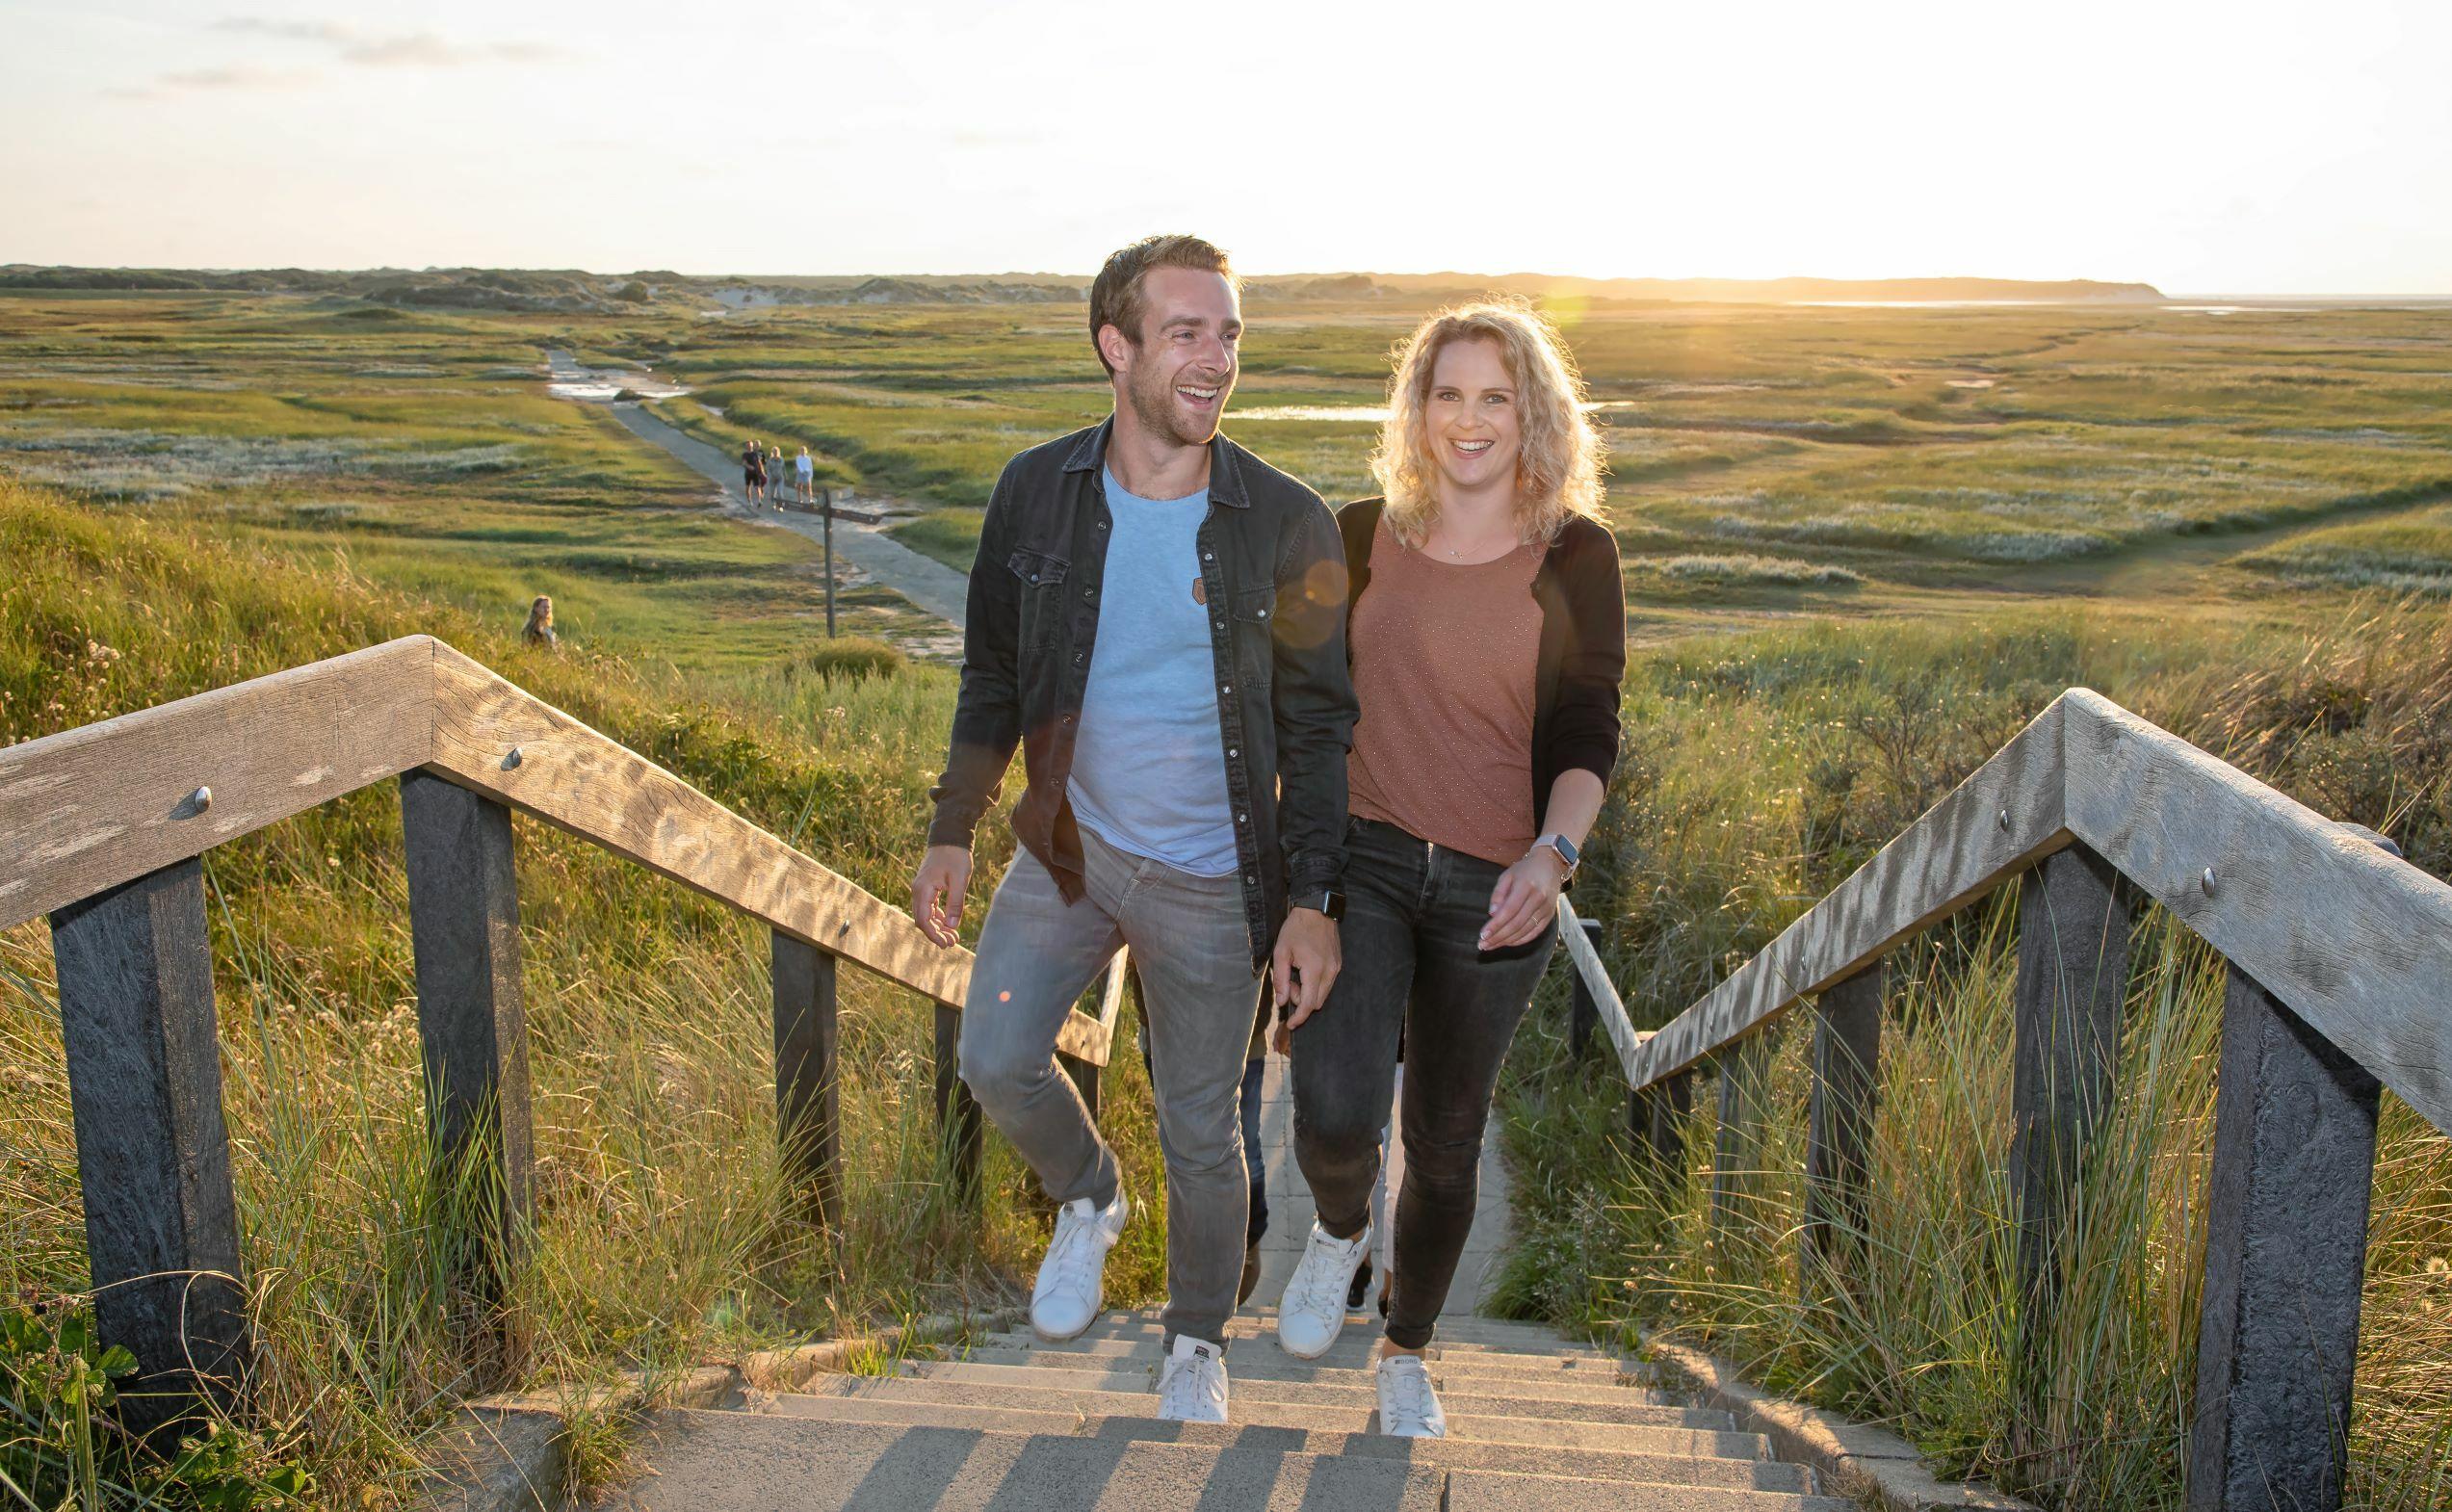 Stel op de trap van De Slufter VVV Texel fotograaf Justin Sinner